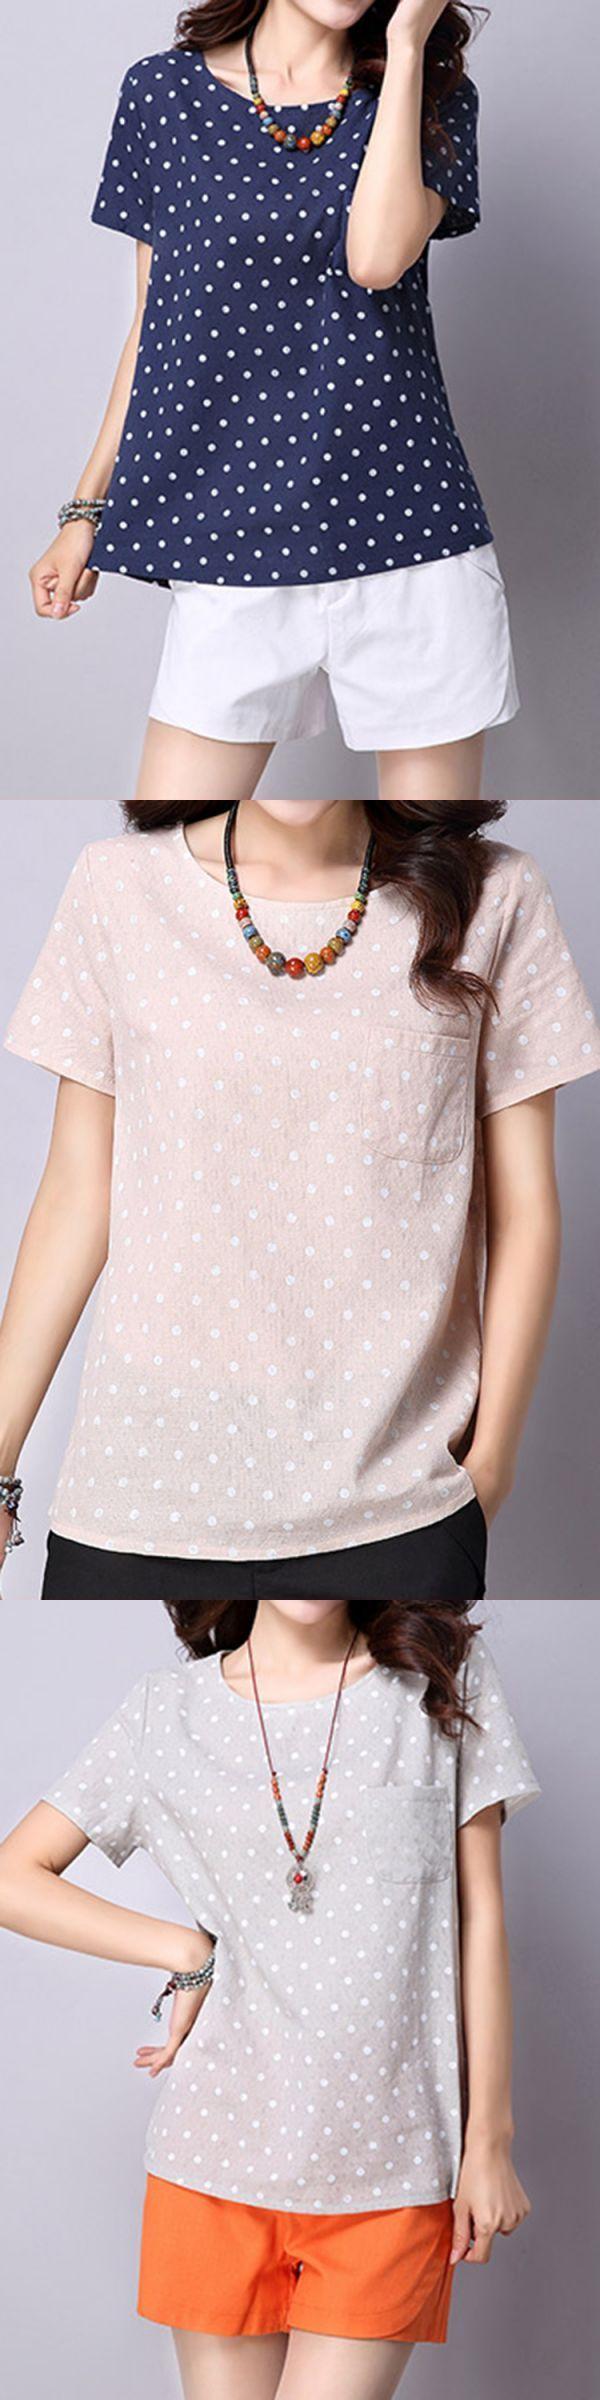 best 25 polka dot t shirts ideas on pinterest polka dot tees